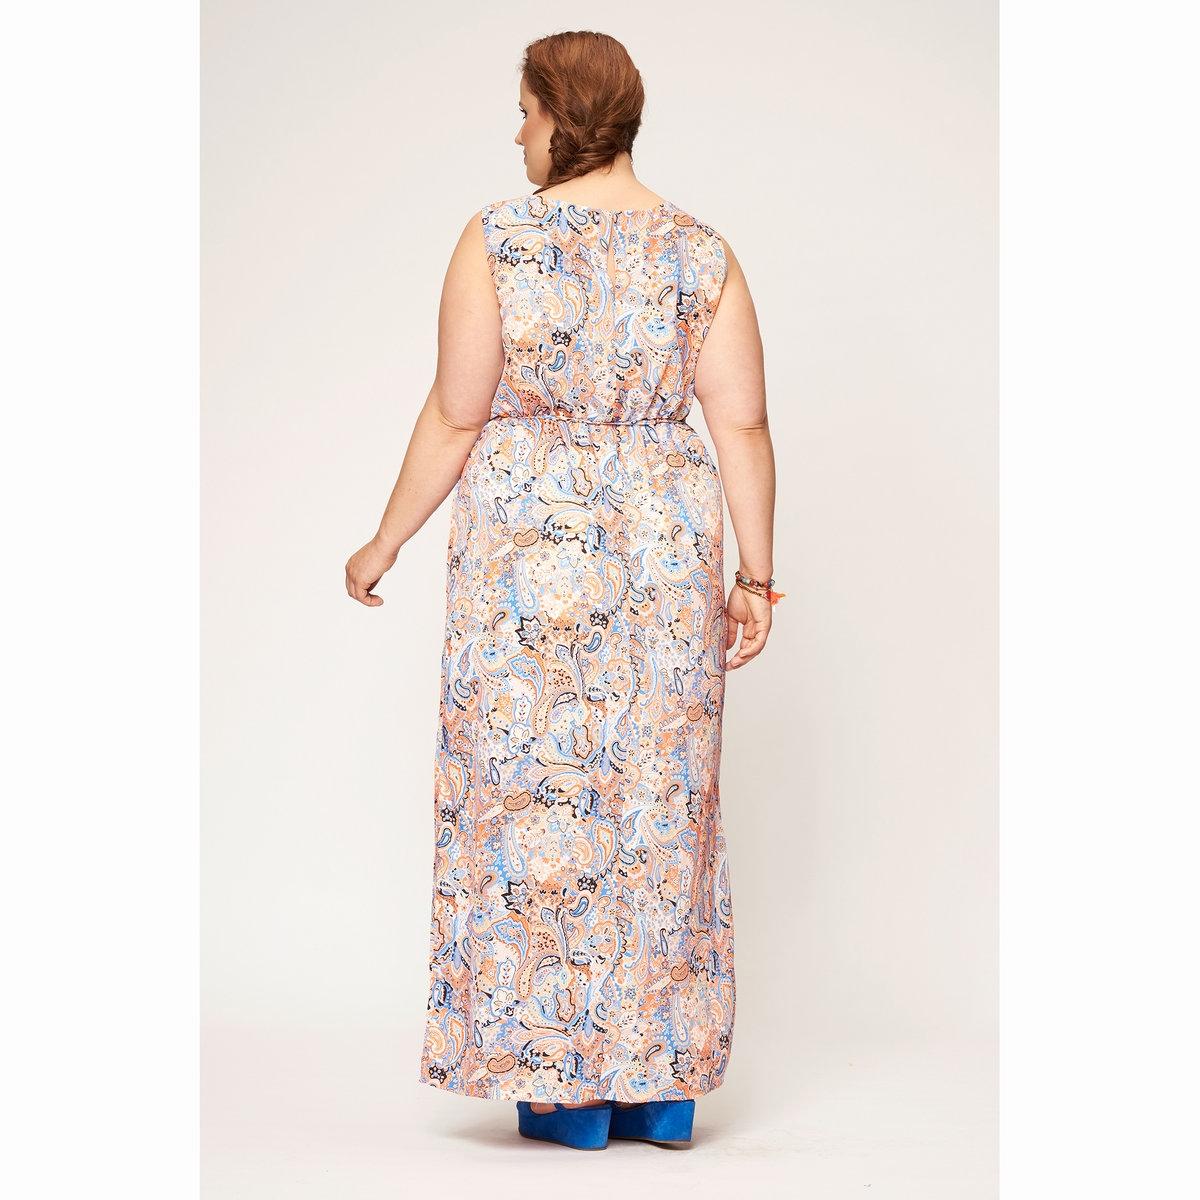 Платье длинноеПлатье длинное без рукавов STUDIO UNTOLD, разноцветное. 100% полиэстера.<br><br>Цвет: разноцветный<br>Размер: 46 (FR) - 52 (RUS)